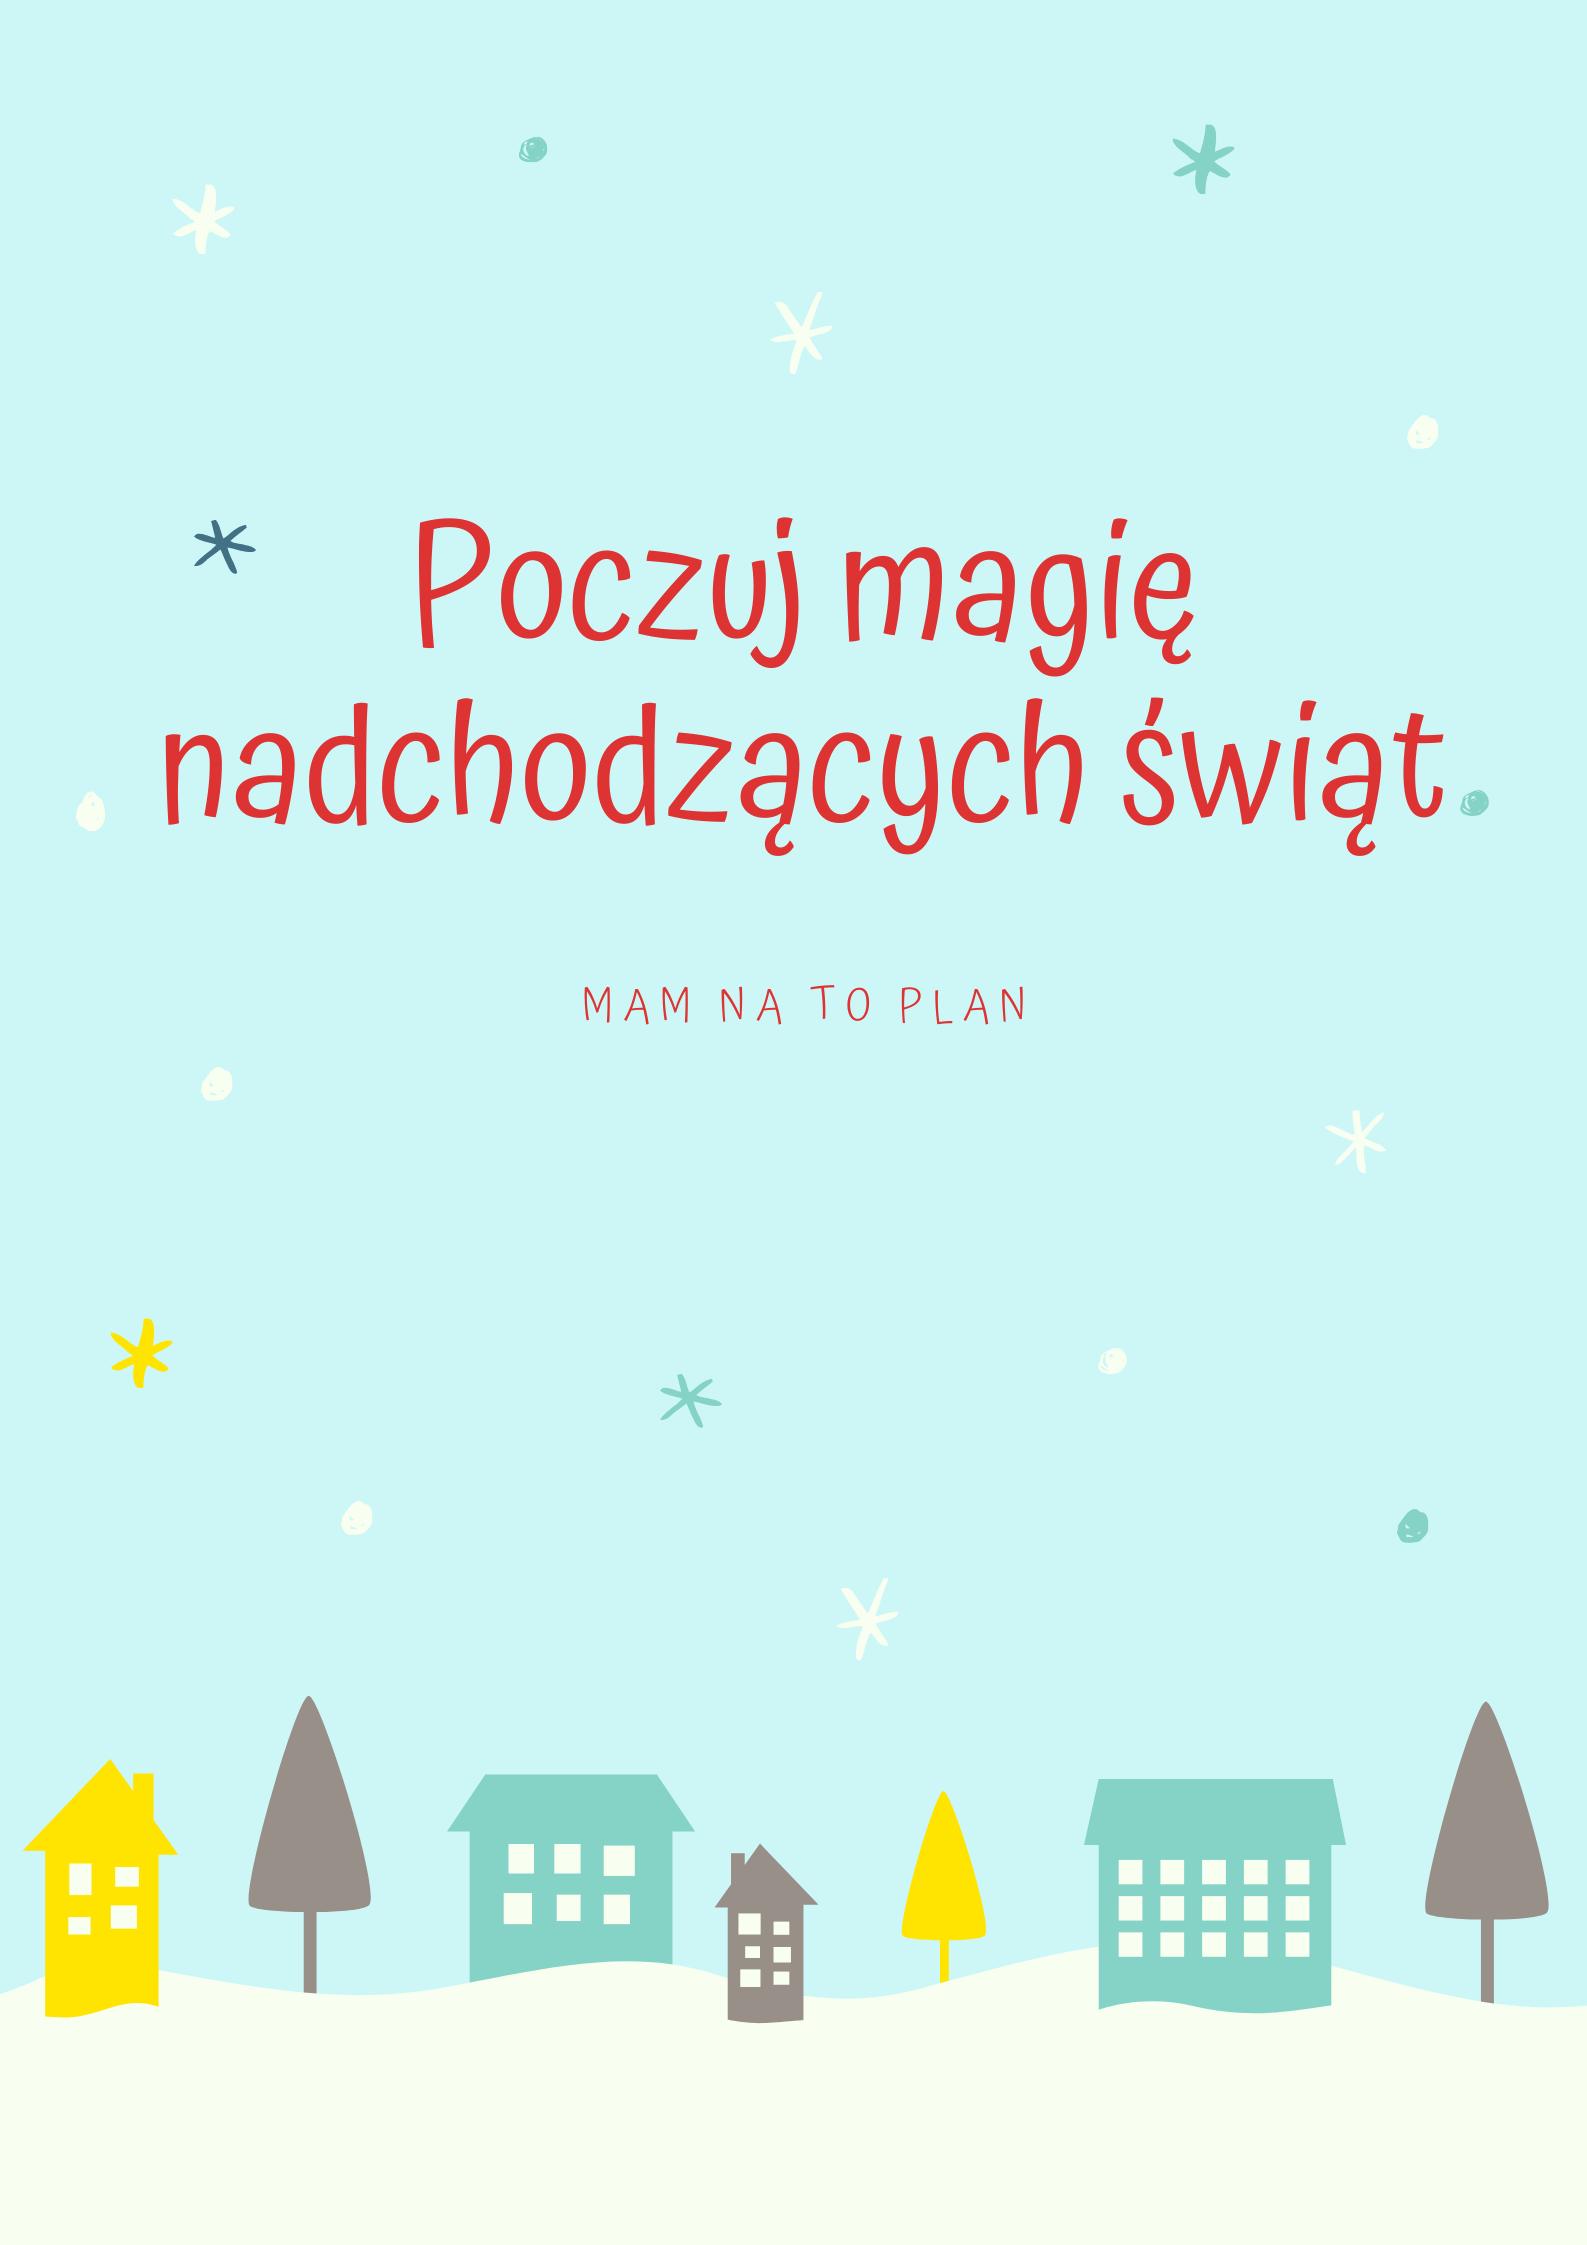 Plakat świąteczny. Poczuj magię nadchodzącyh świąt